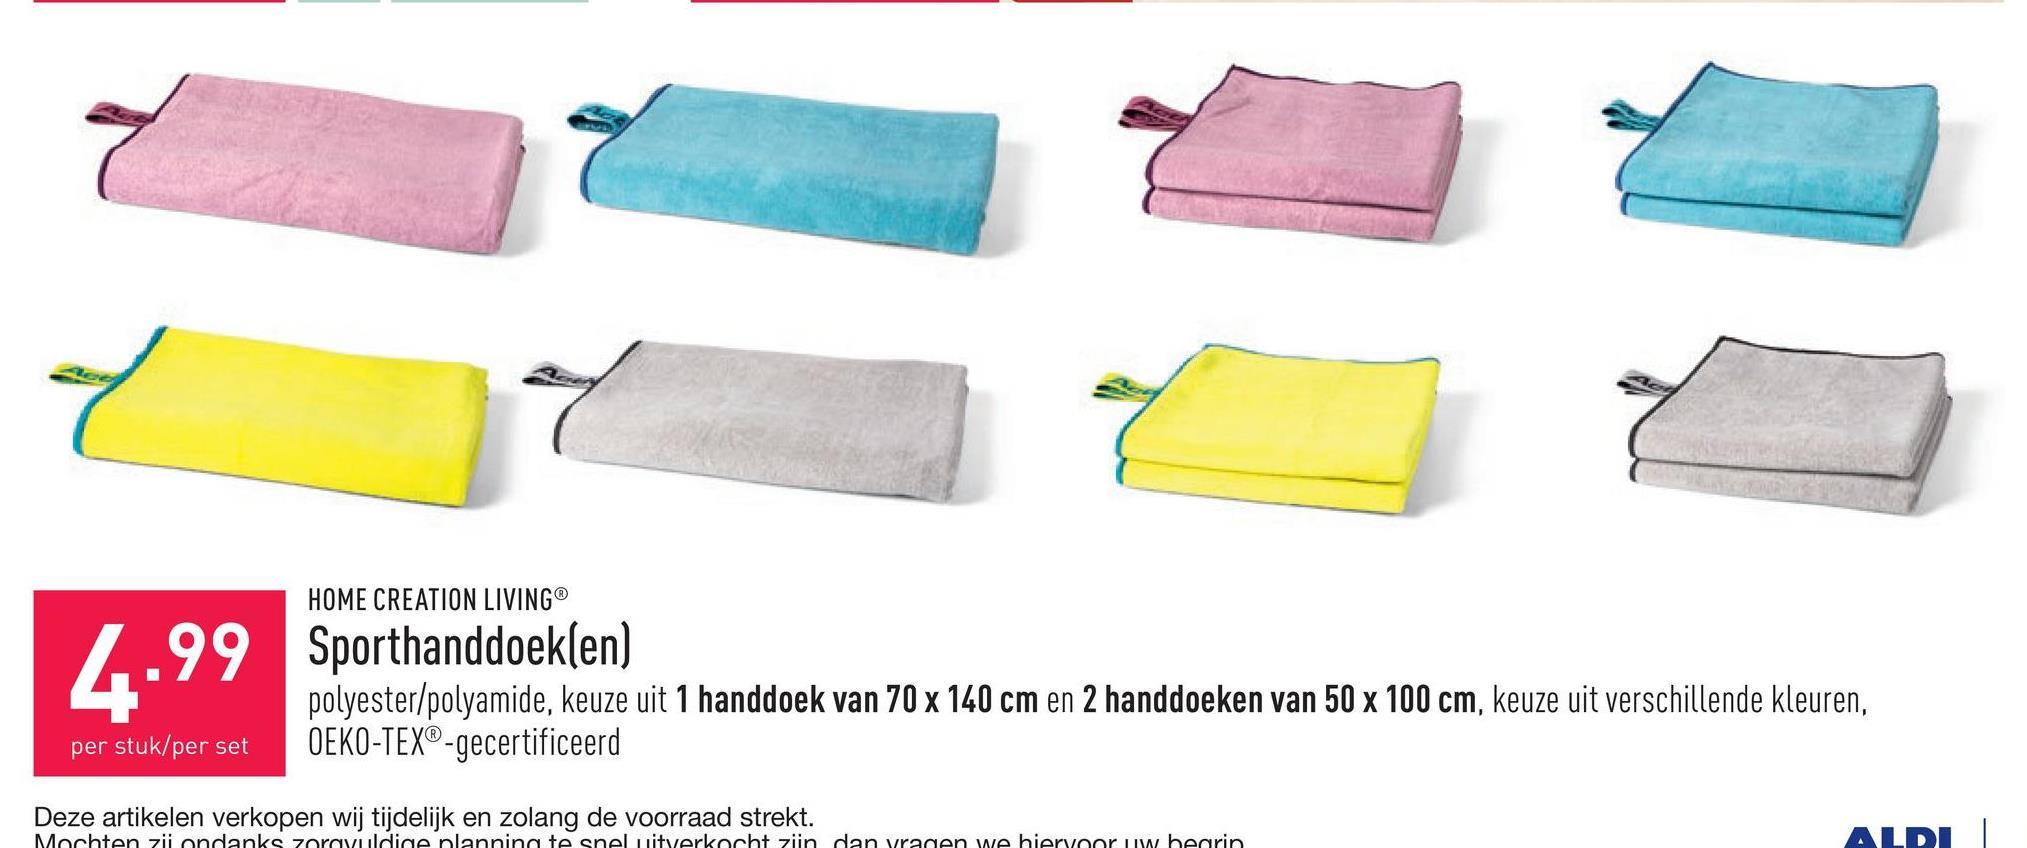 Sporthanddoek(en) polyester/polyamide, keuze uit 1 handdoek van 70 x 140 cm en 2 handdoeken van 50 x 100 cm, keuze uit verschillende kleuren, OEKO-TEX®-gecertificeerd